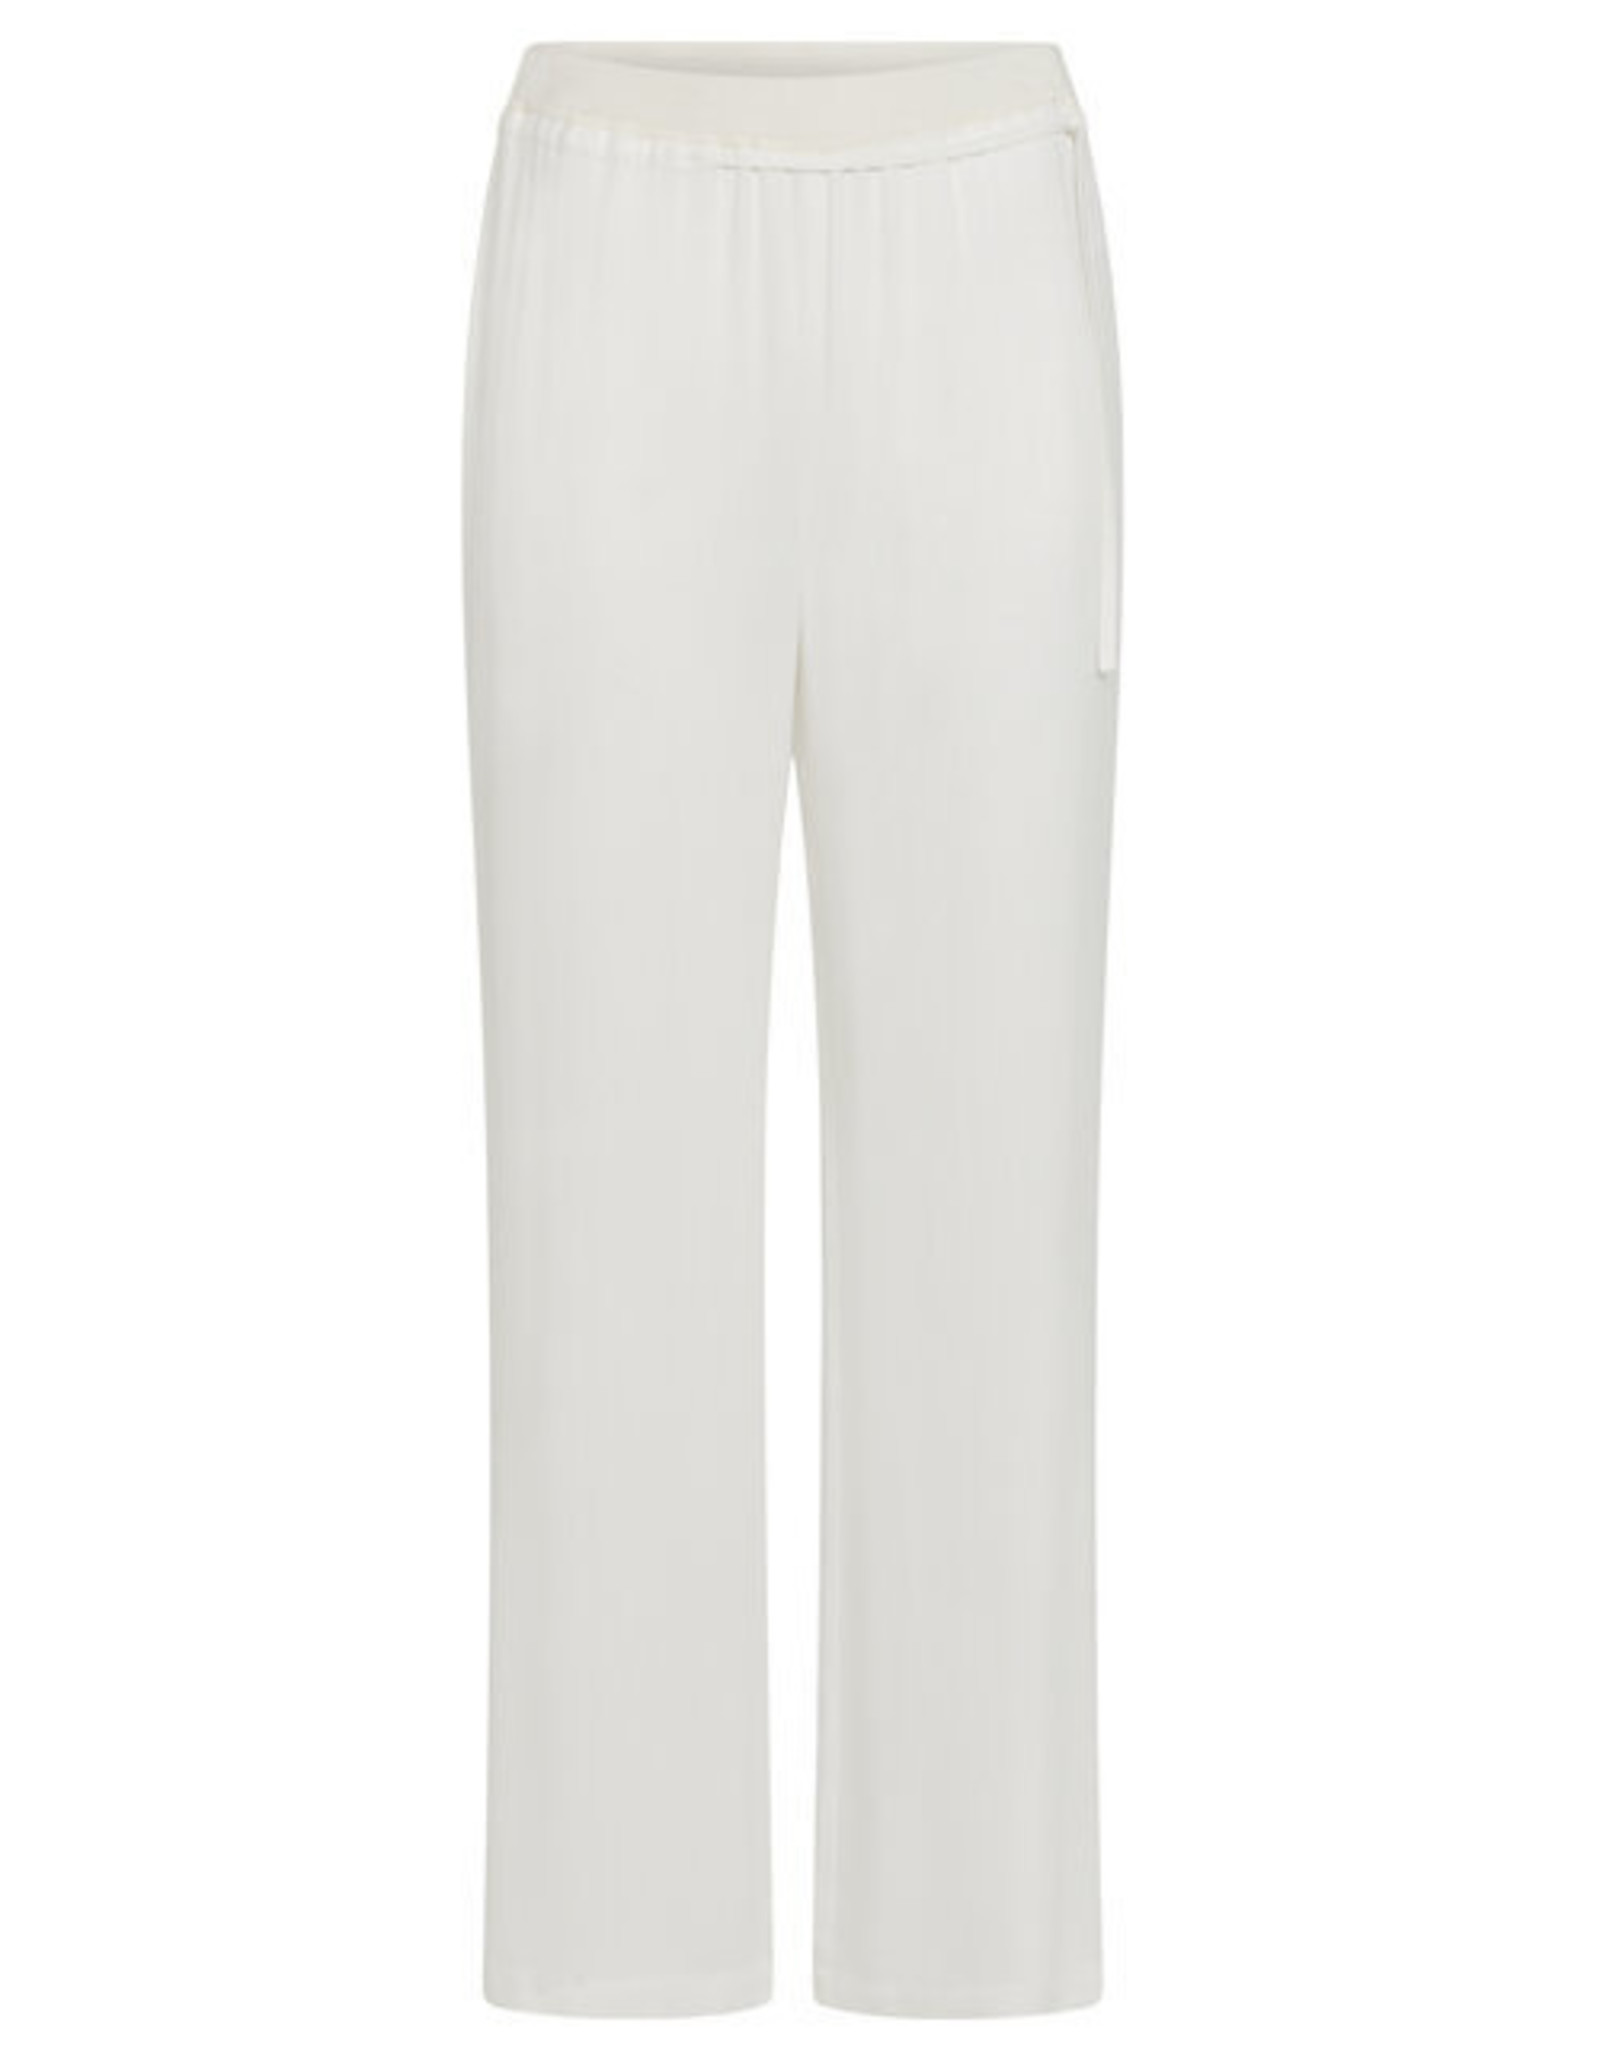 Sita Murt Fabric Mix Trouser